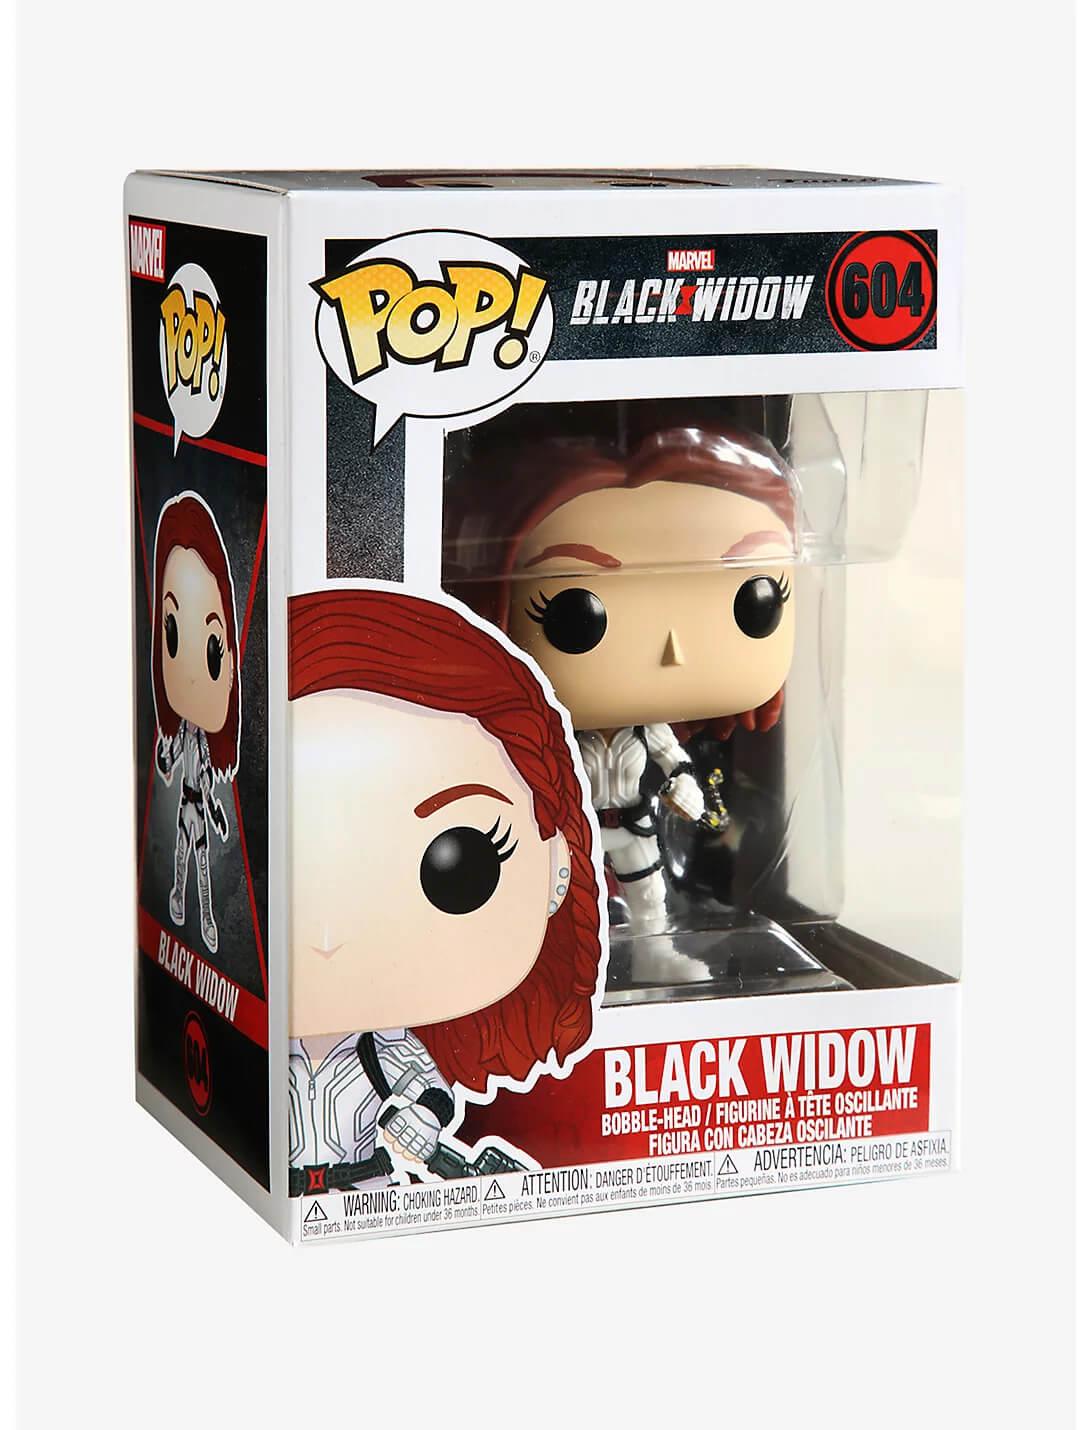 Black Widow (Viúva Negra) #604 - Funko Pop! Marvel